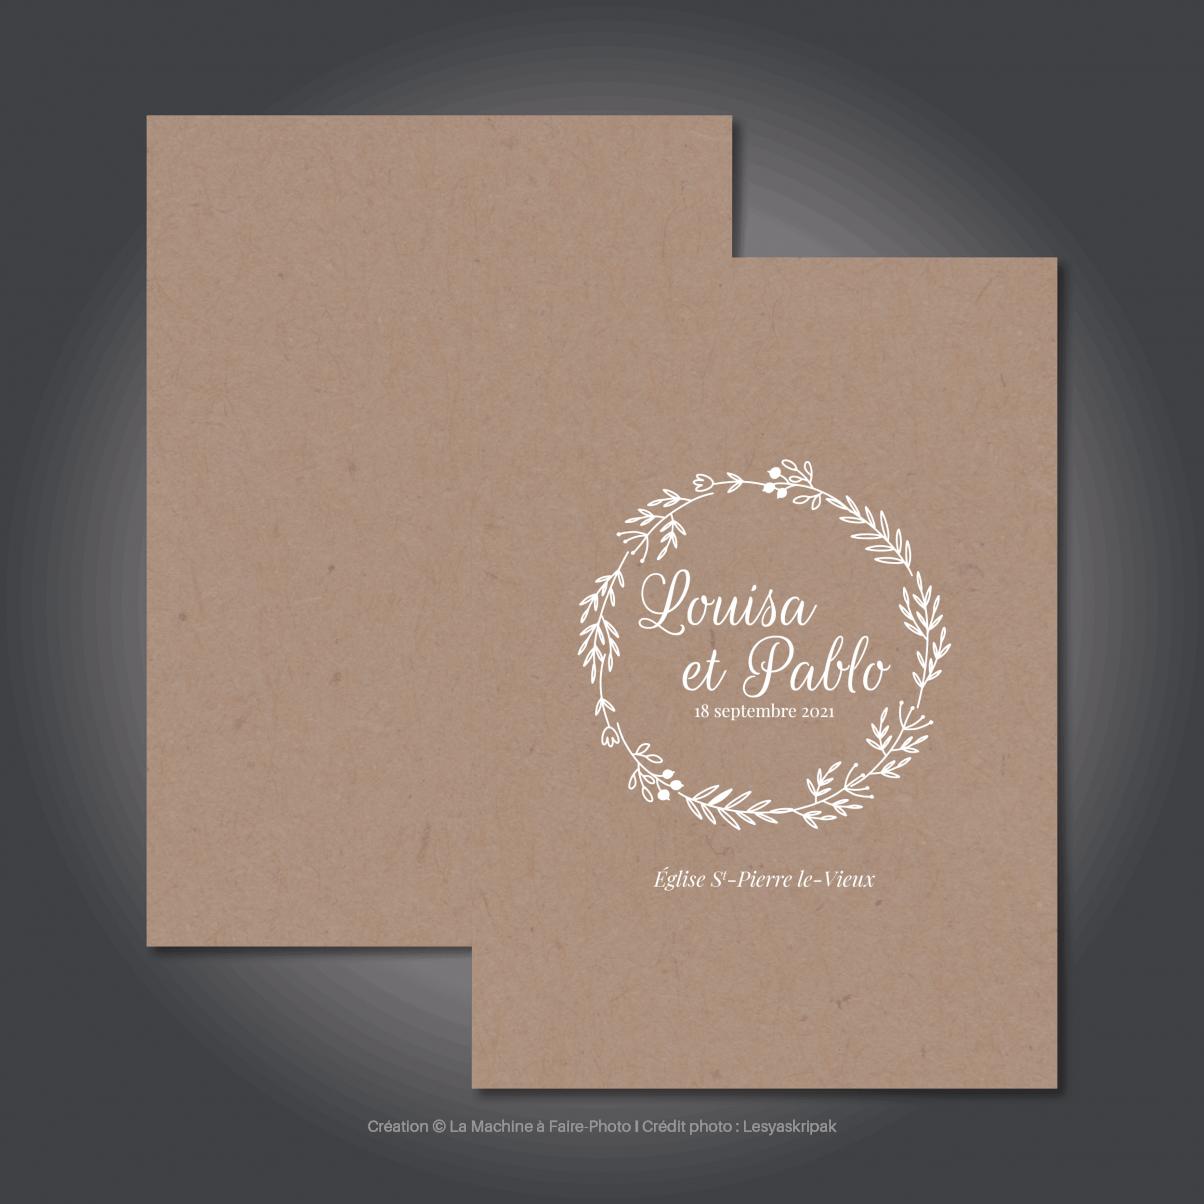 Le livret de messe de mariage de Louisa & Pablo